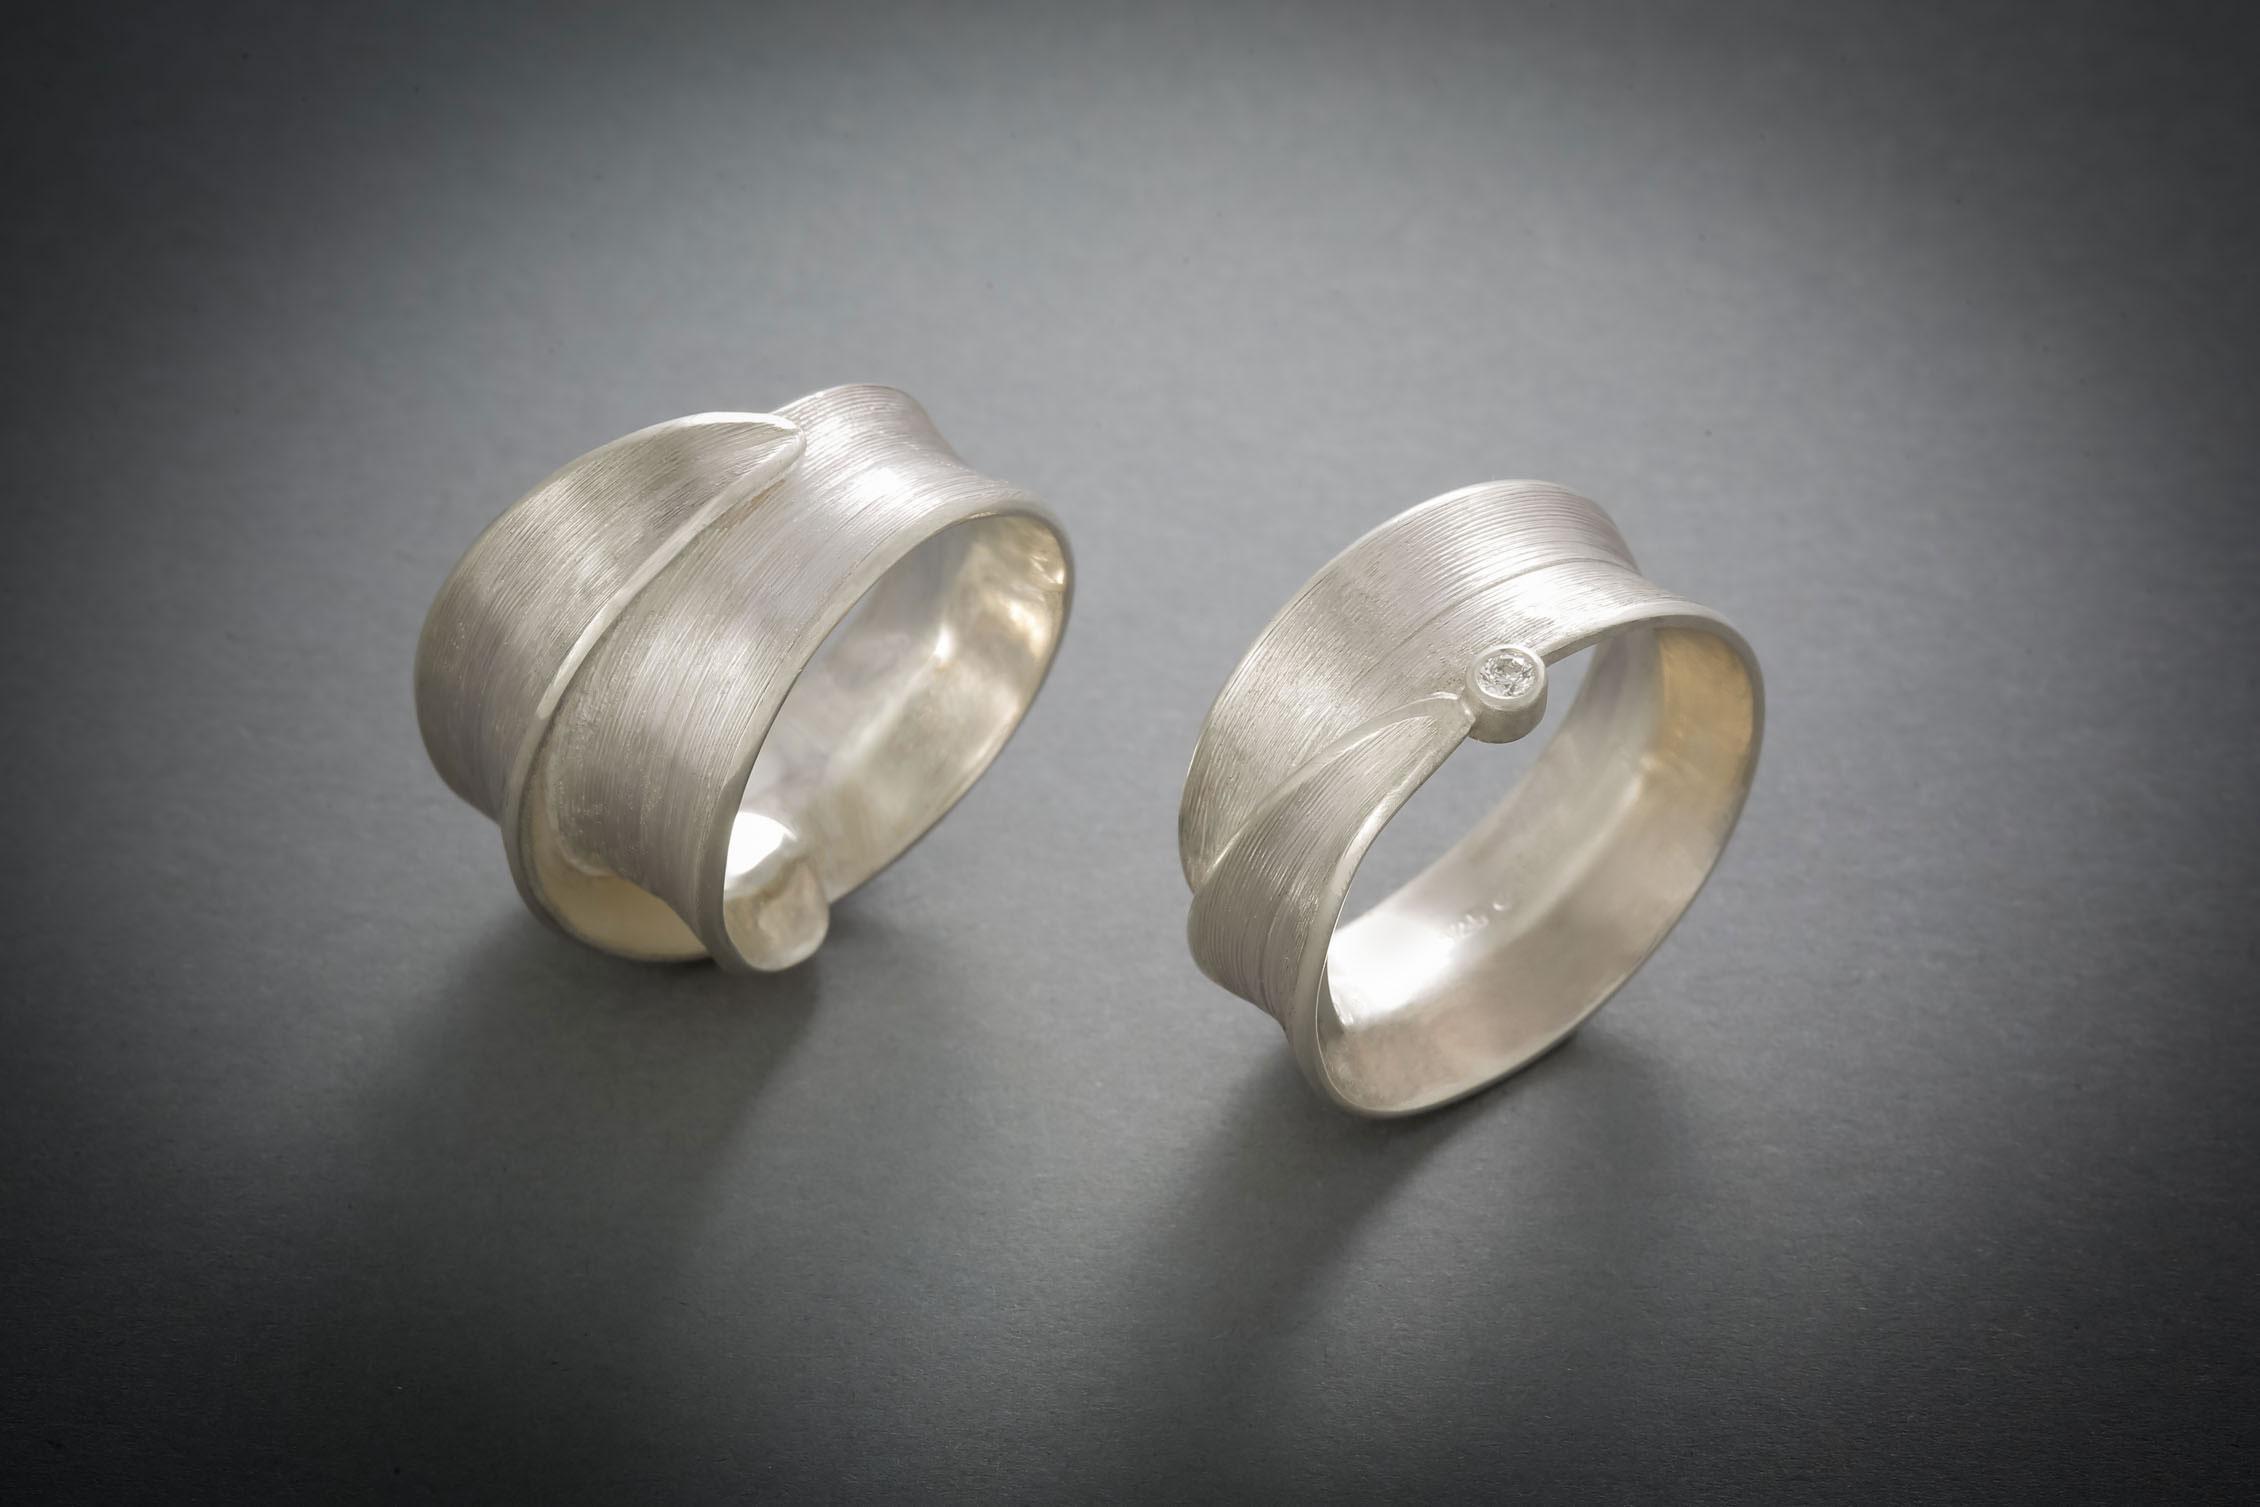 002 Grasring, Silber € 168,- mit Brillant € 294,-